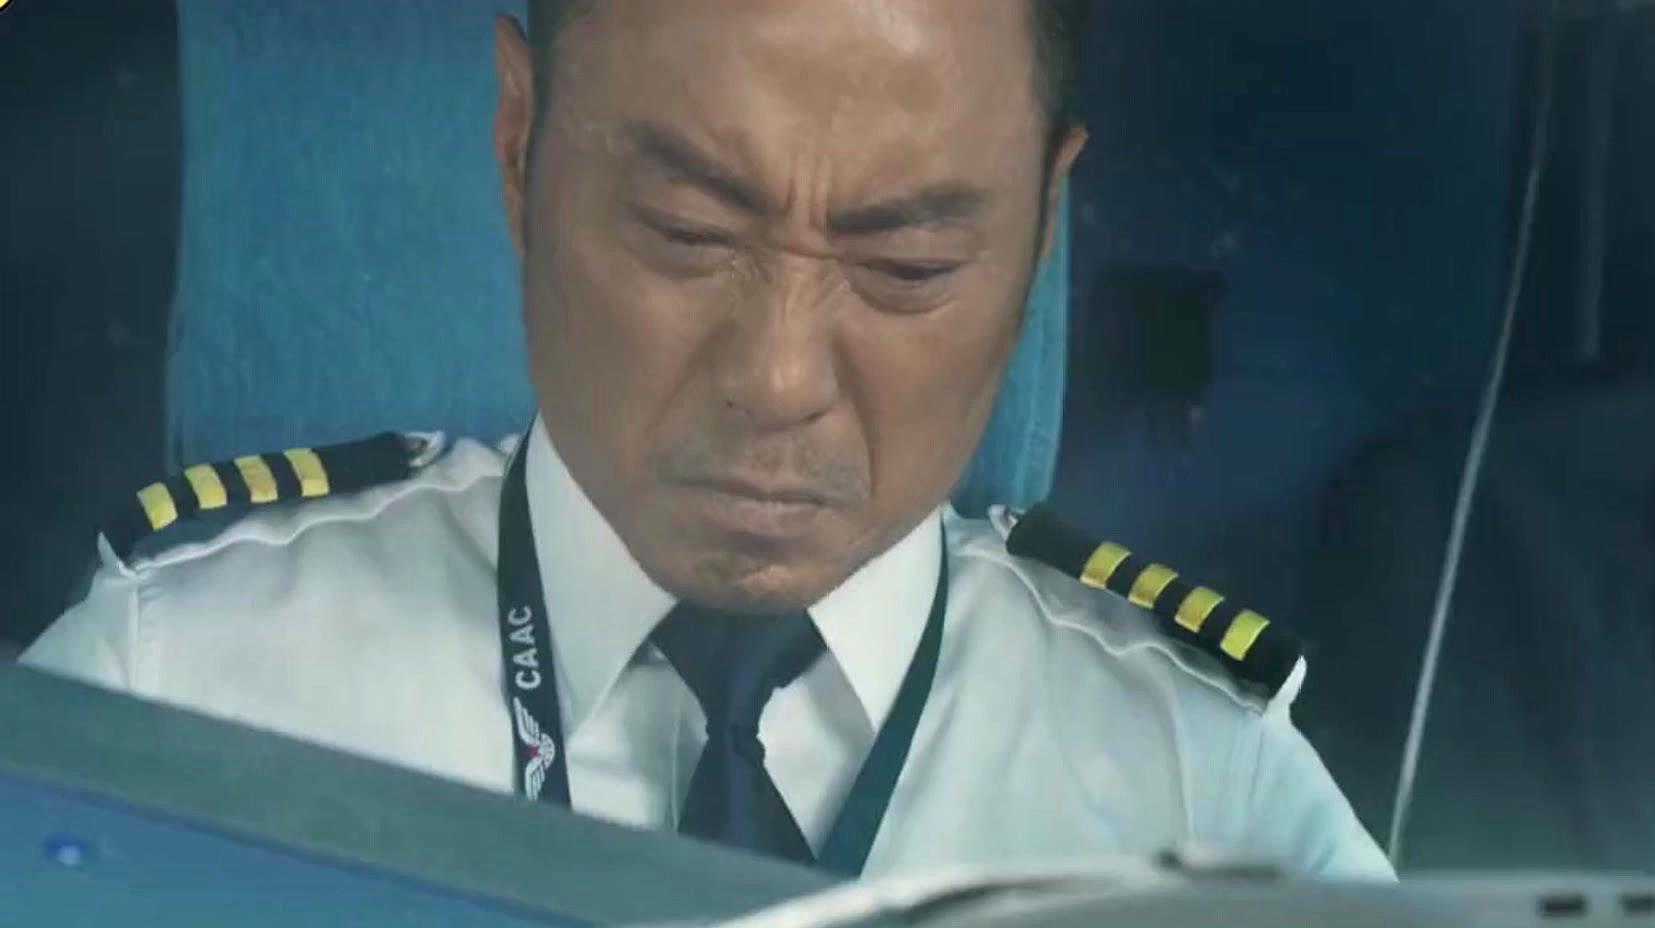 中国机长:四川8633,我叫不到它了!成都在叫你,收到请回答!